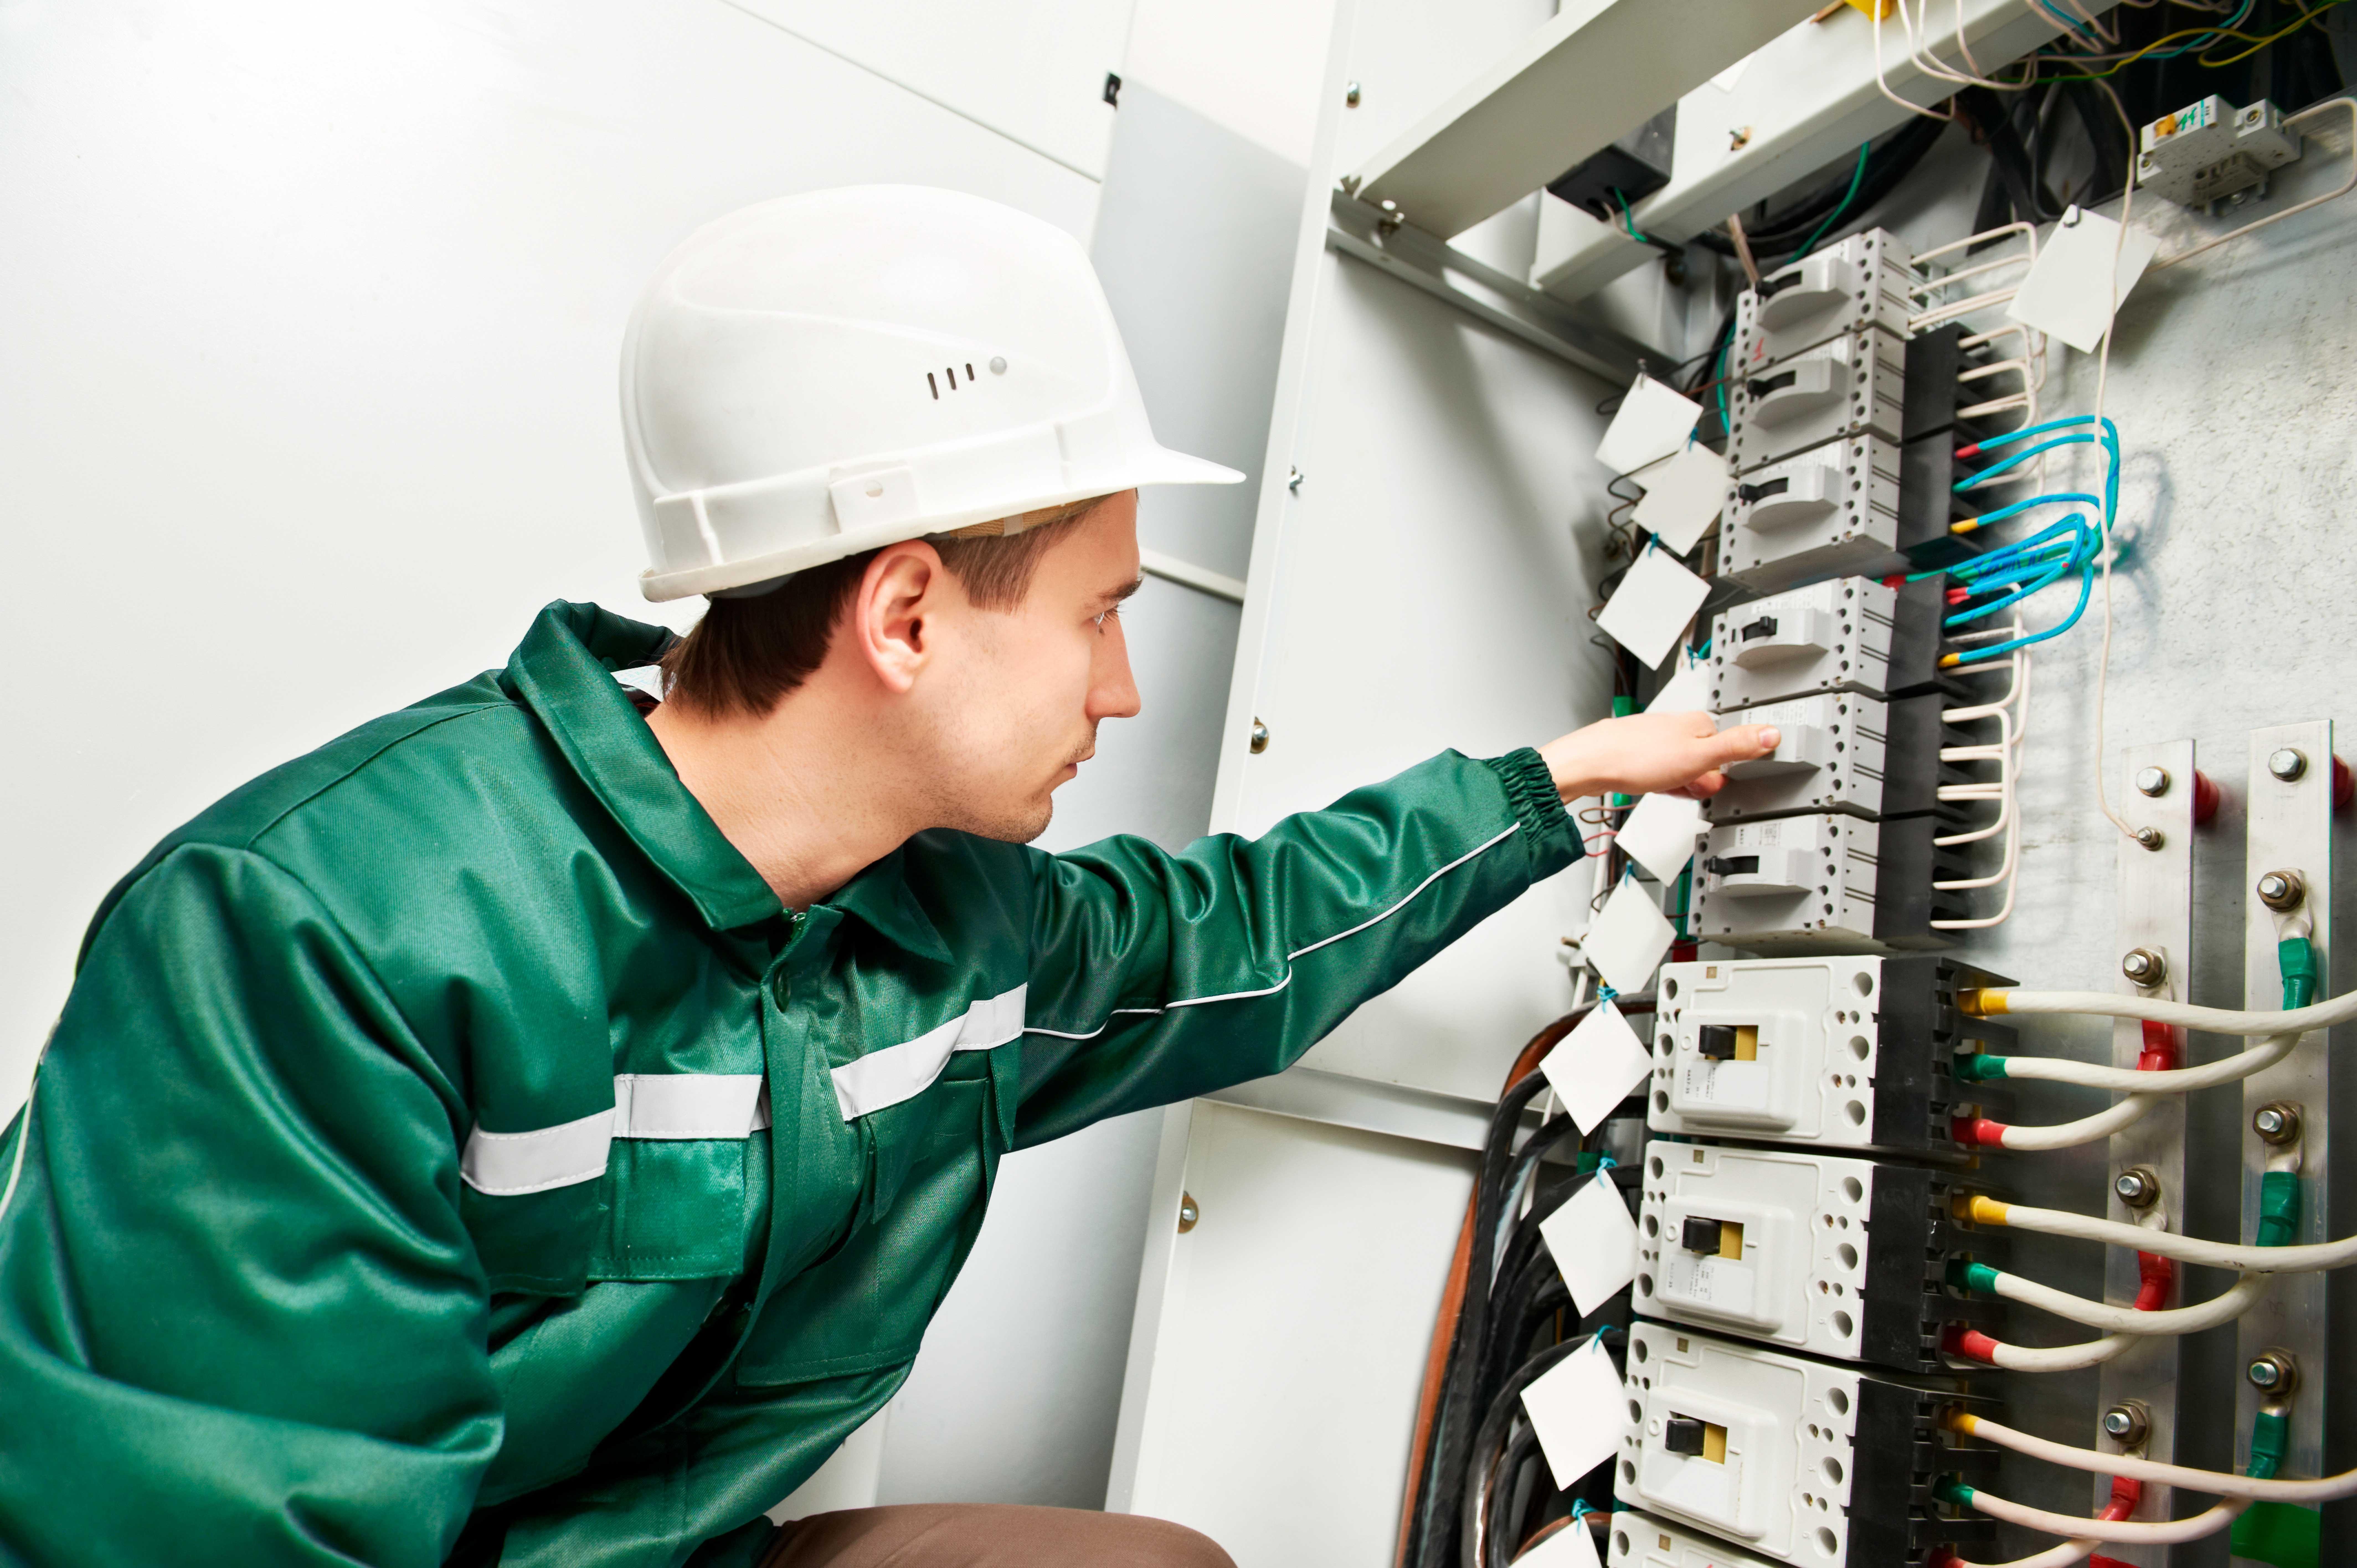 Sustentabilidade em alta na engenharia elétrica